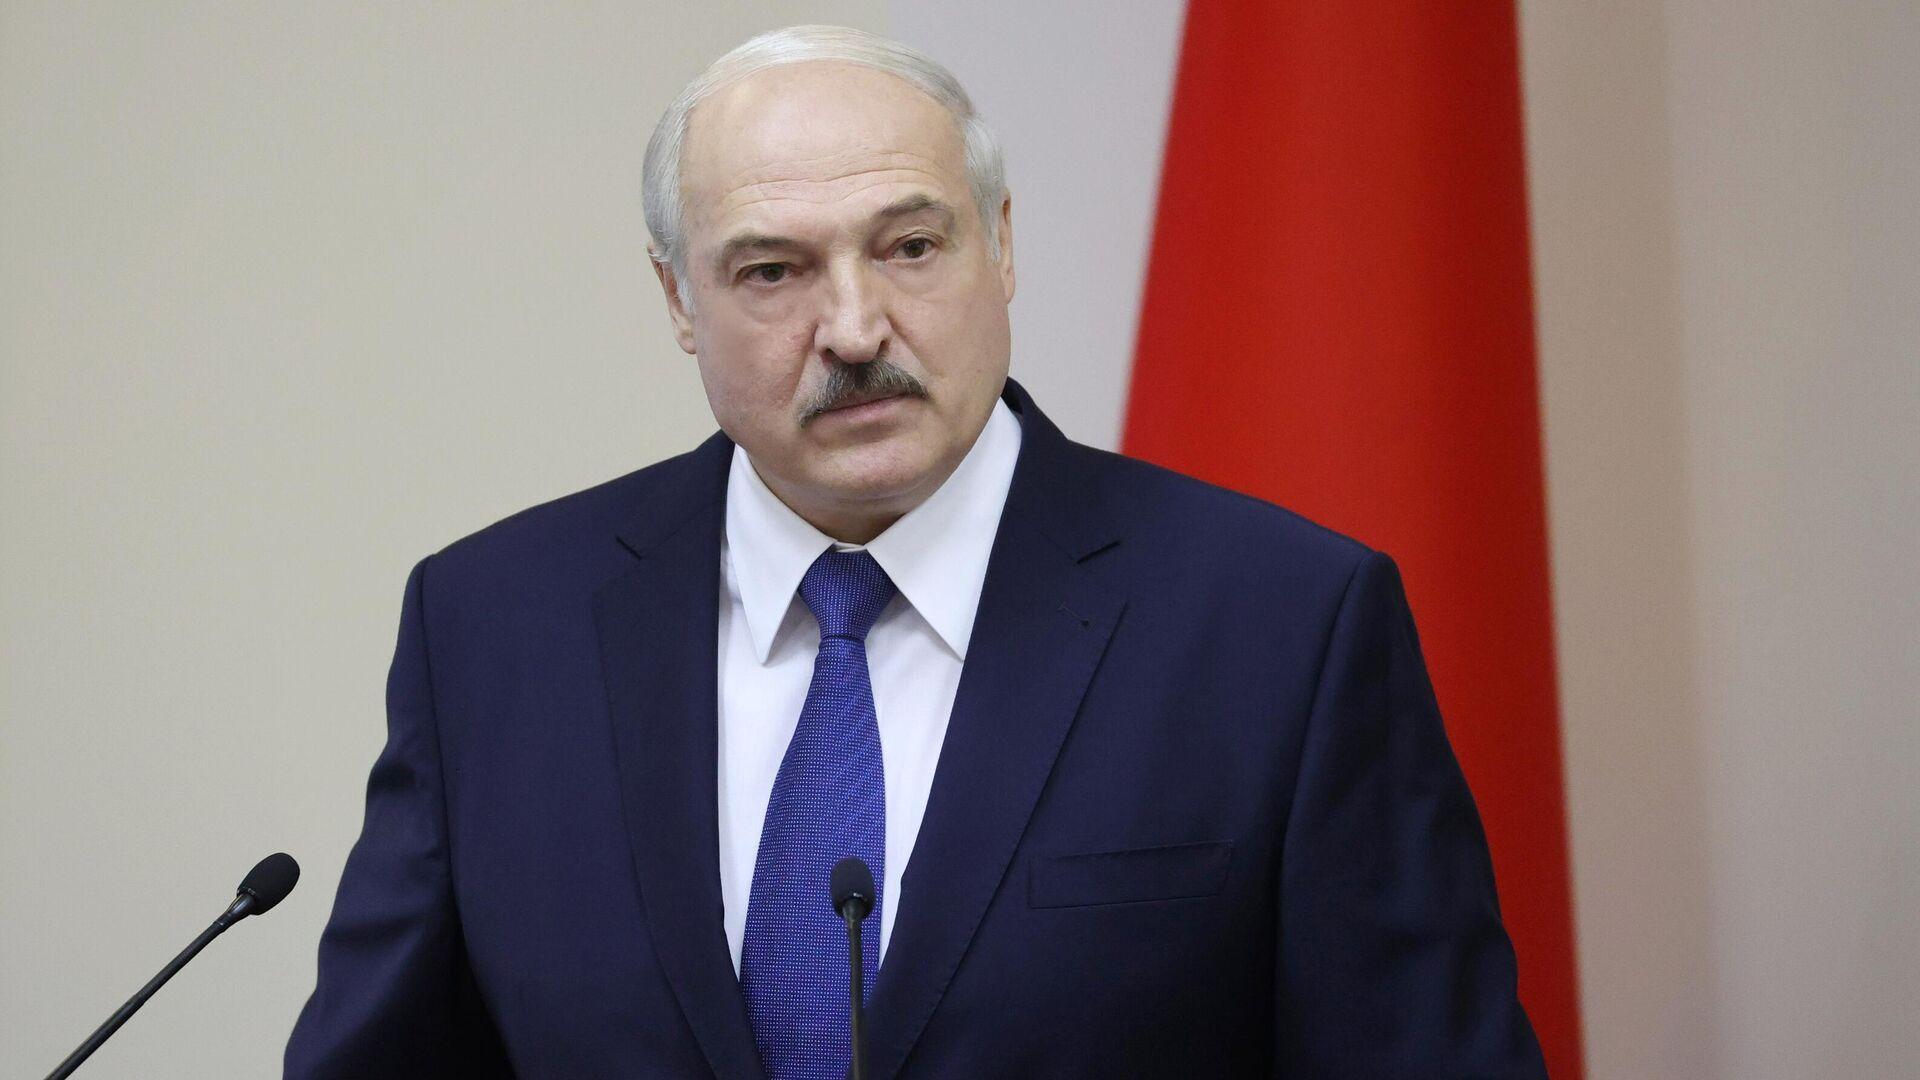 Президент Белоруссии Александр Лукашенко - РИА Новости, 1920, 19.09.2020